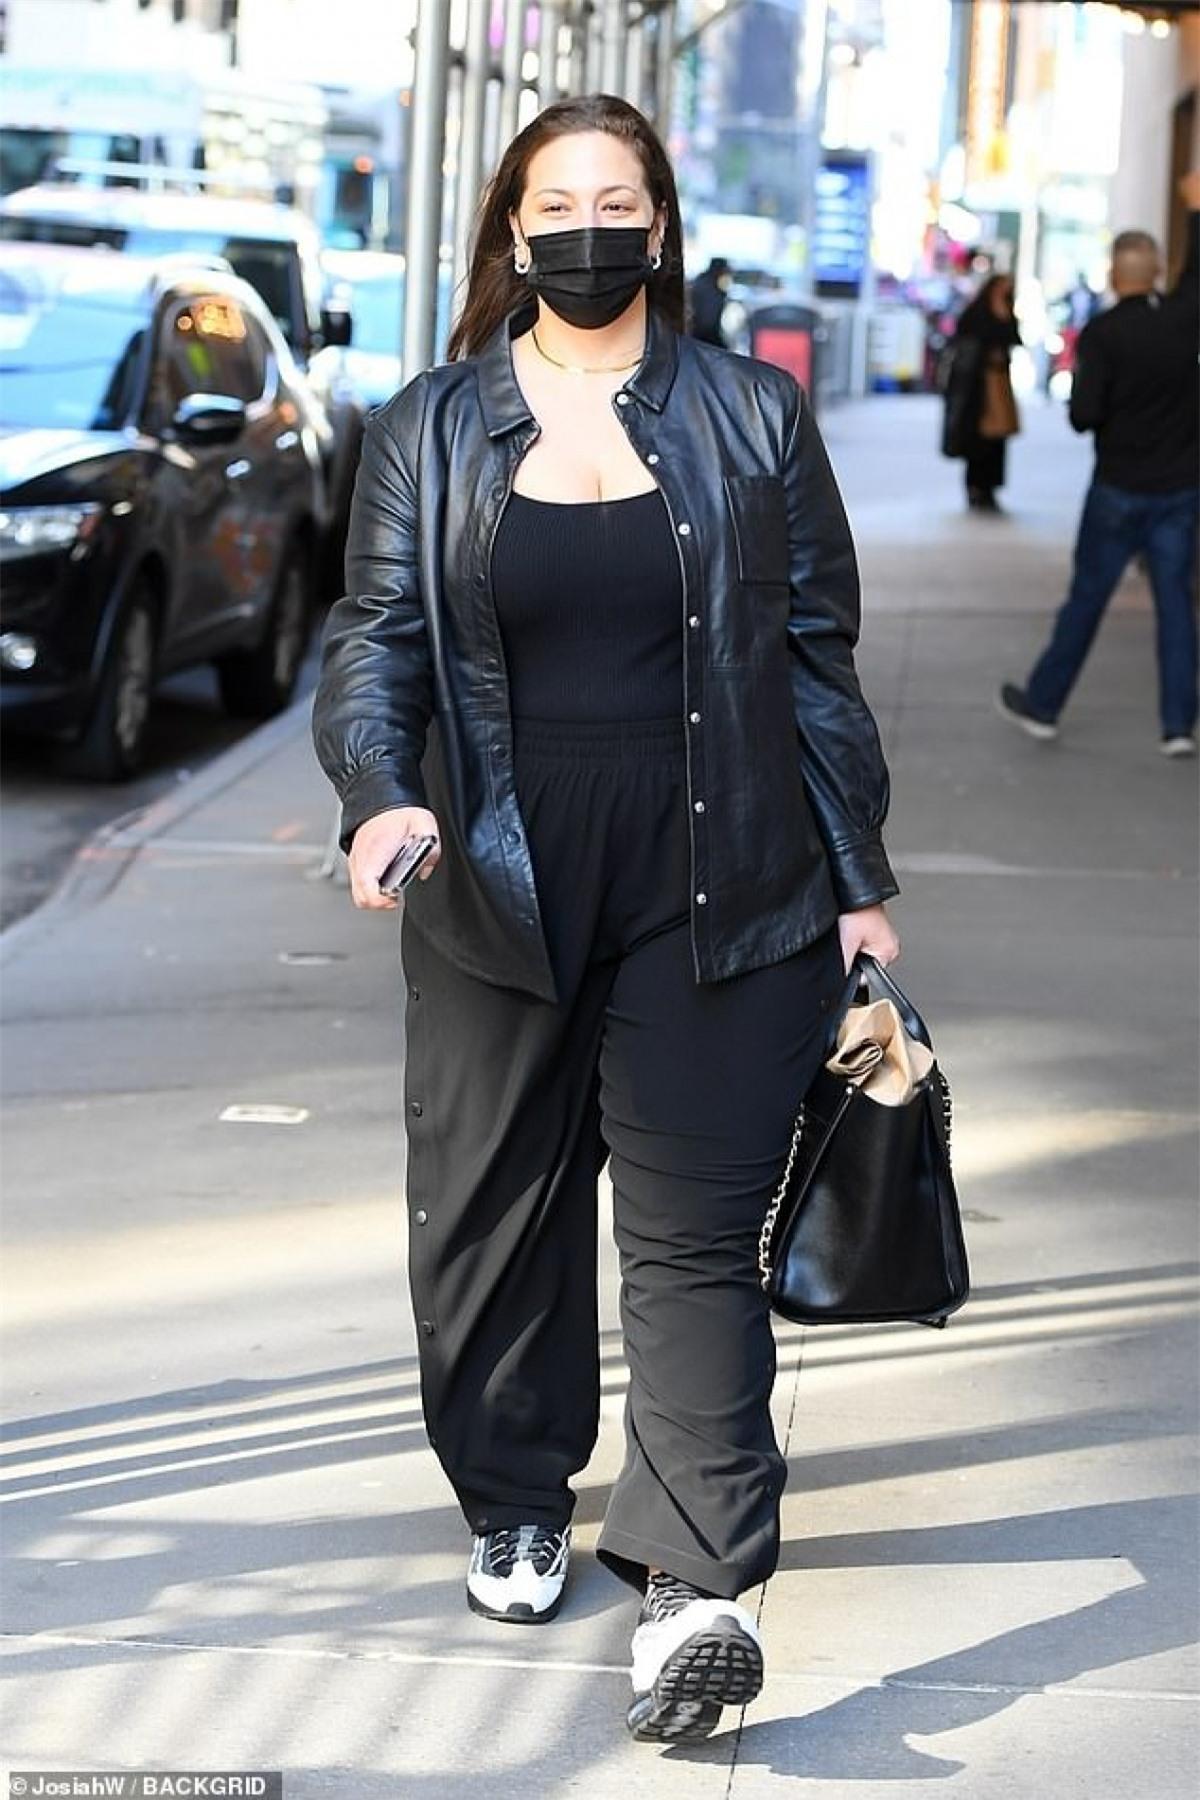 'Người mẫu ngoại cỡ' Ashley Graham diện đồ hiệu đến dự sự kiện thời trang Ảnh 3